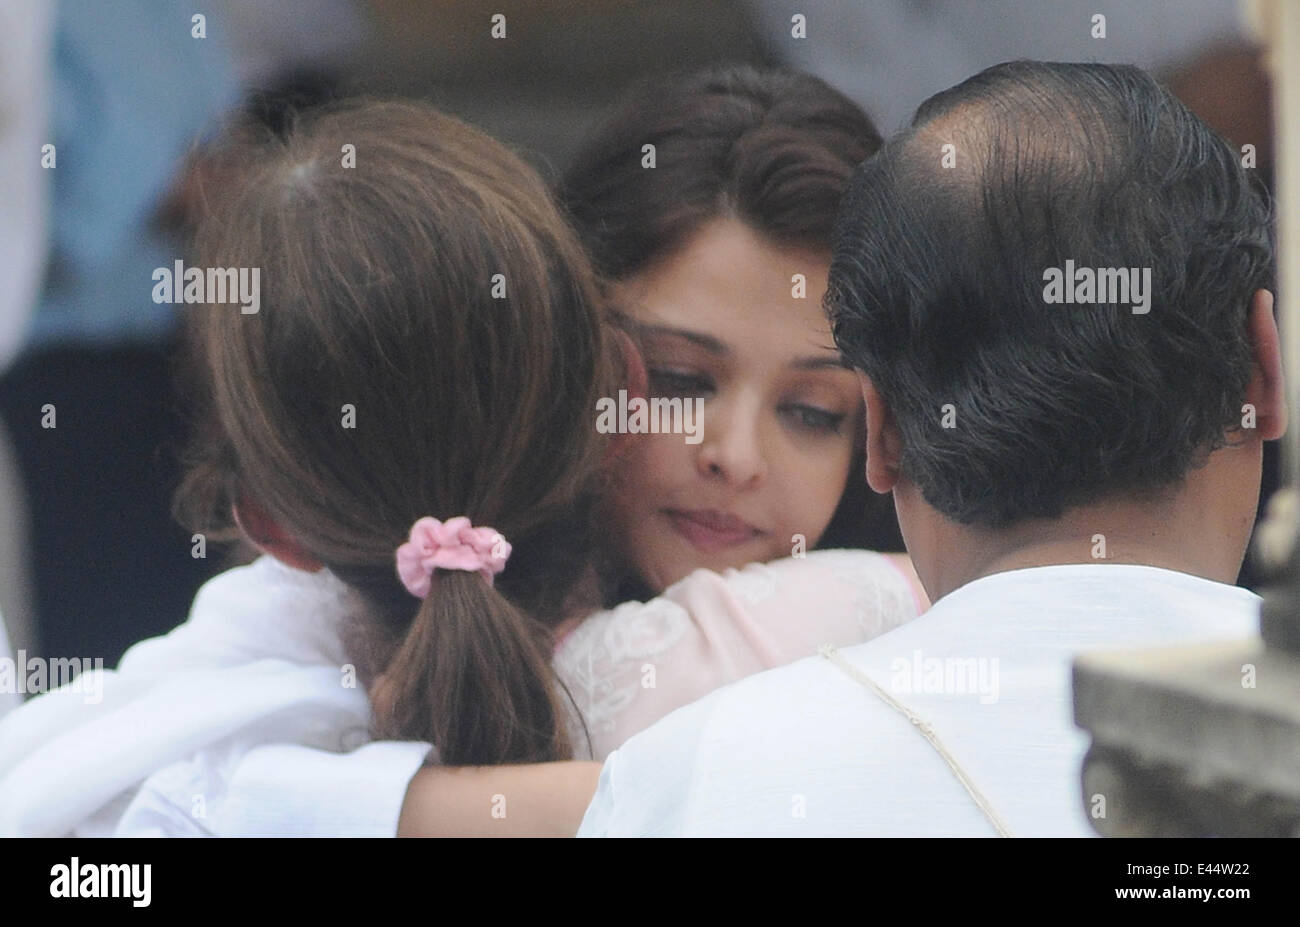 Mumbai, India. 2nd July, 2014. Bollywood actor Aishwarya Rai (C) consoles Nita Ambani on the funeral of her father - Stock Image